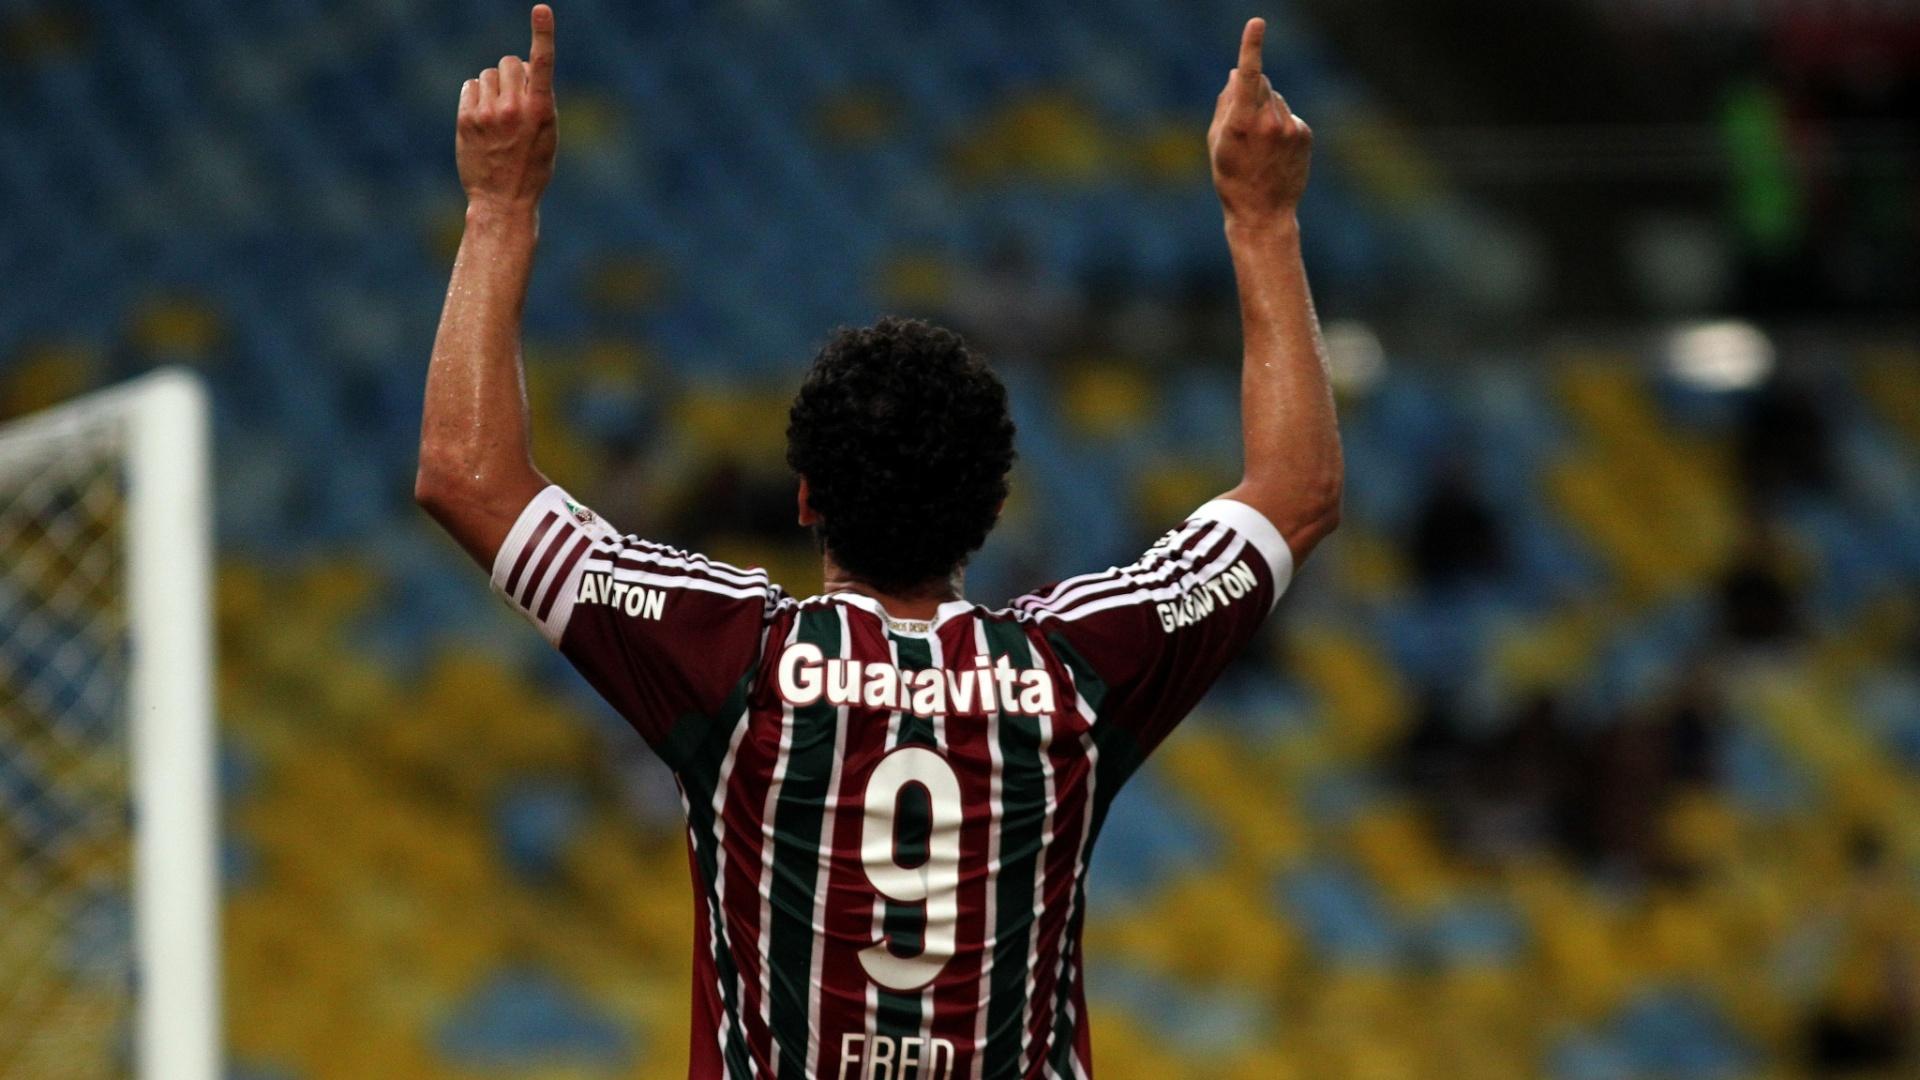 Fred celebra gol marcado no clássico entre Fluminense e Botafogo, válido pela semifinal do Campeonato Carioca